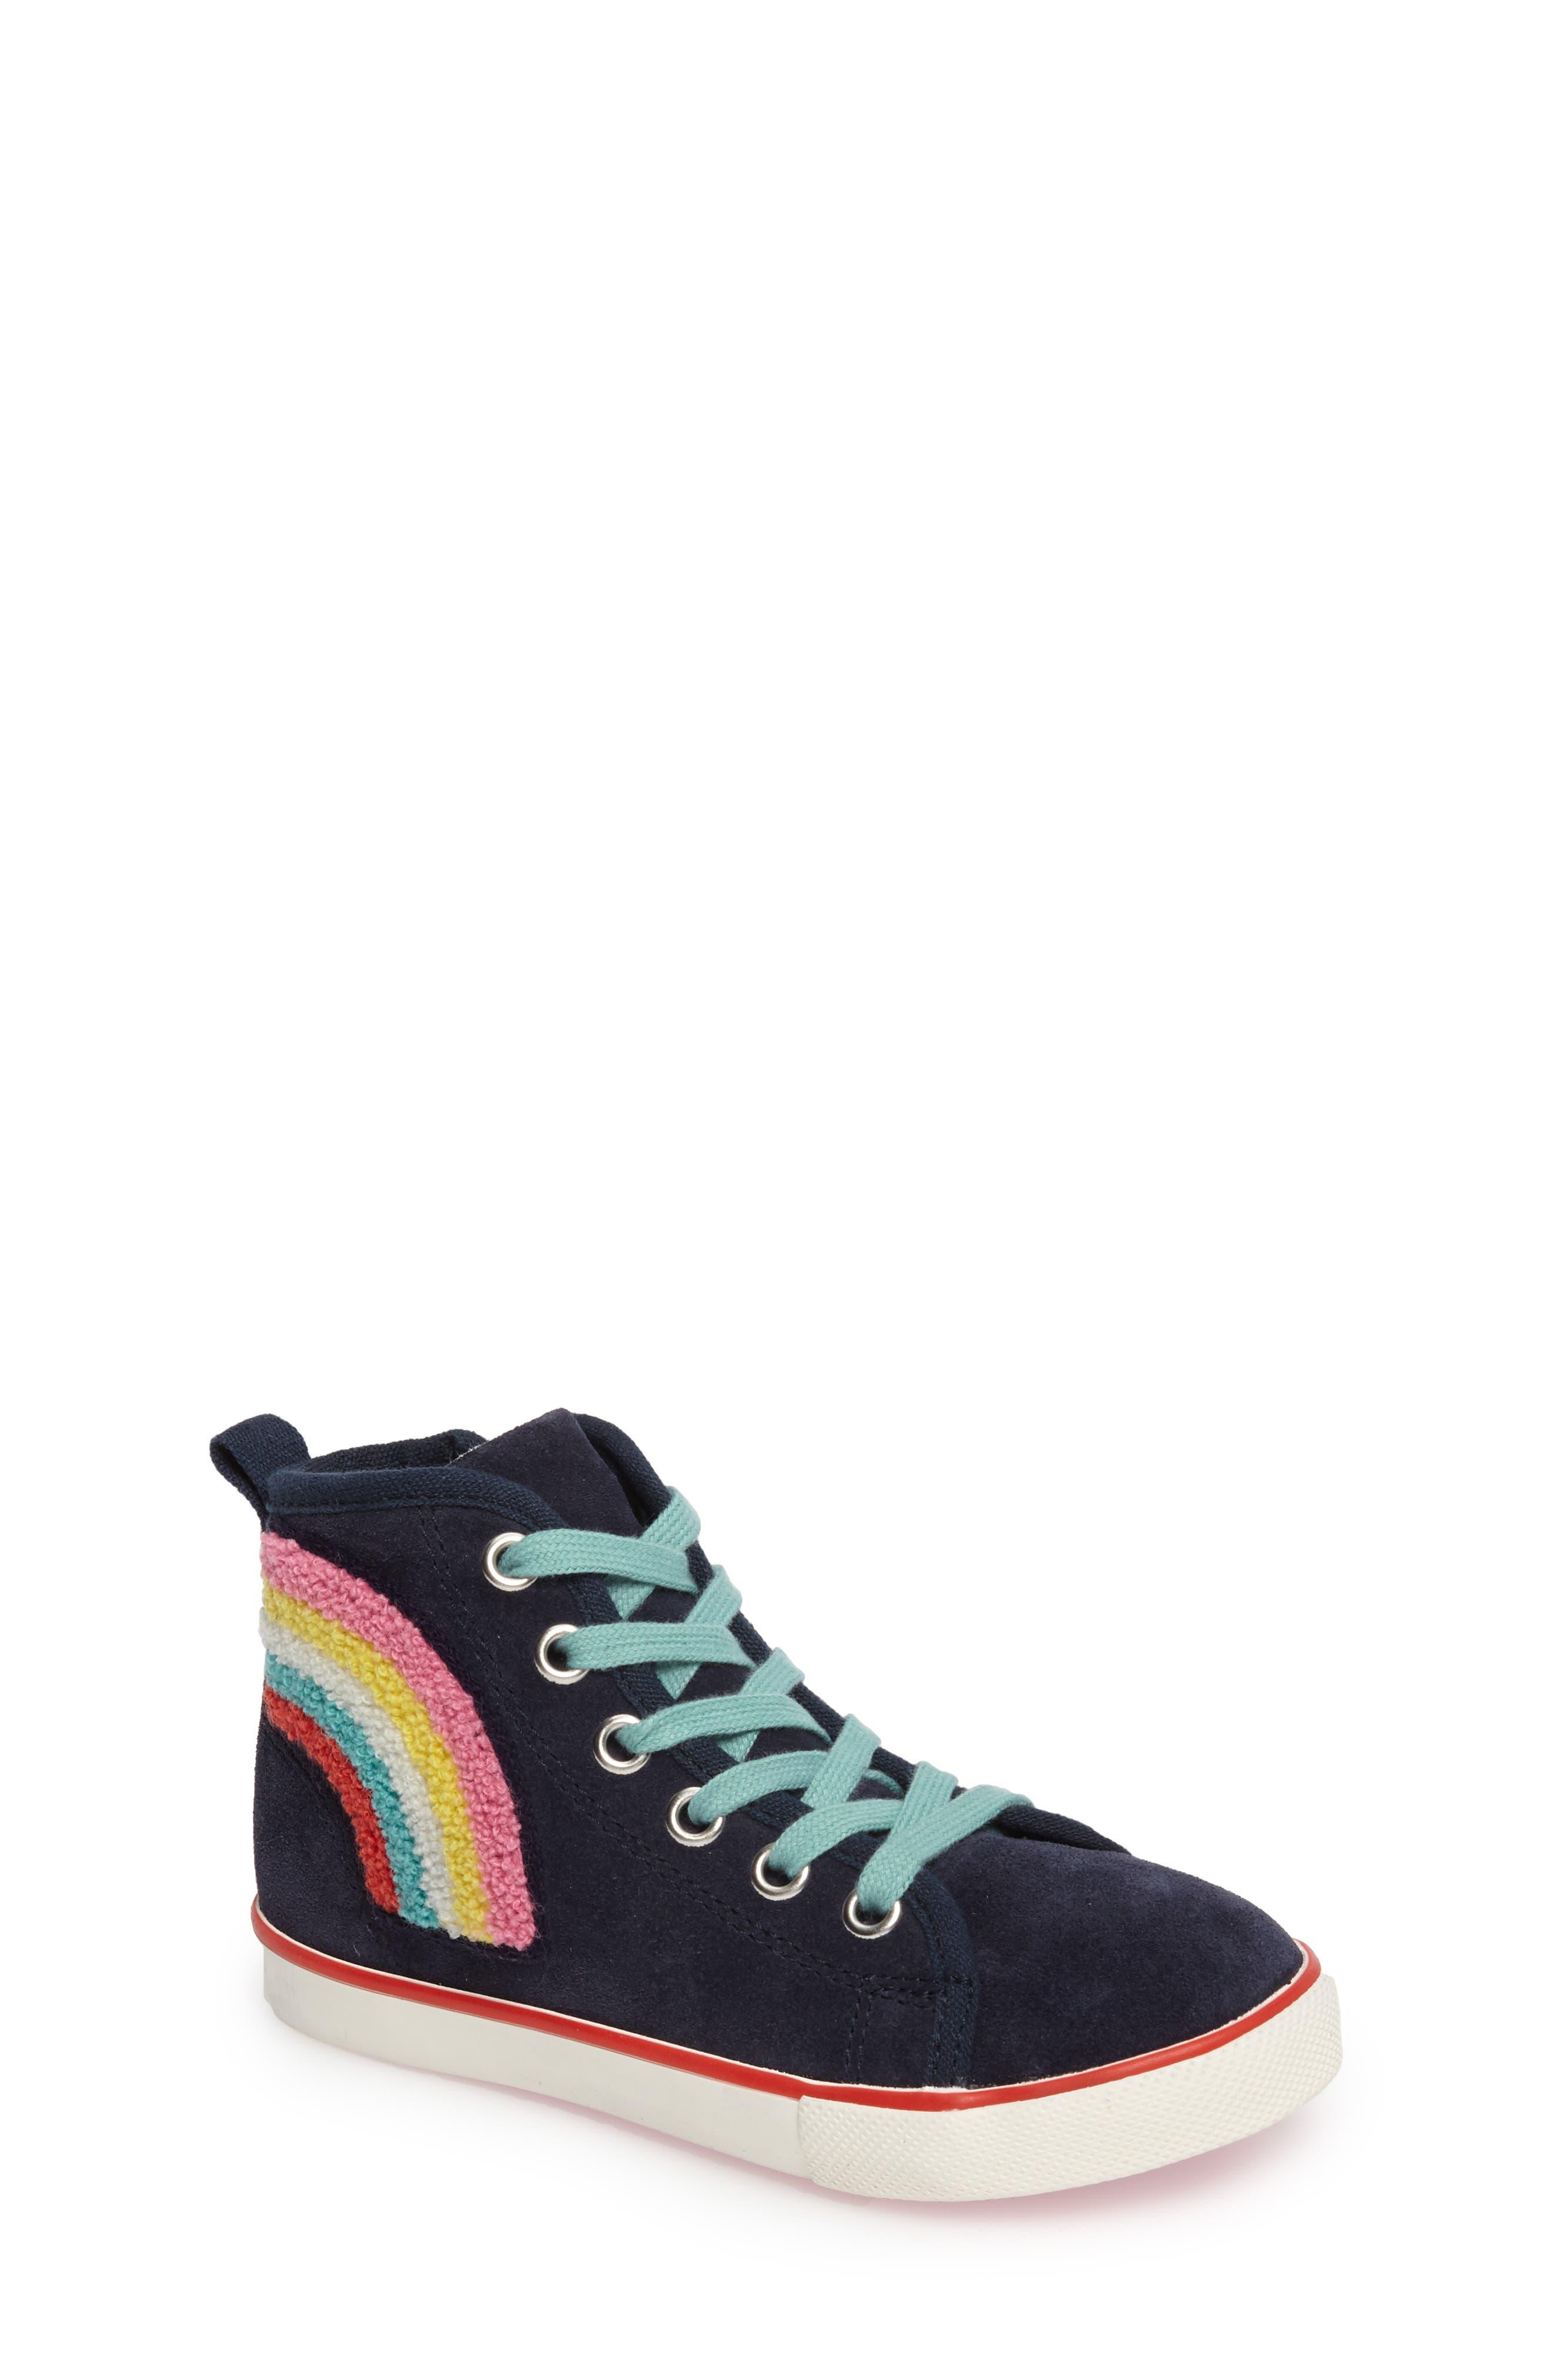 Alternate Image 1 Selected - Mini Boden Embellished High Top Sneaker (Toddler, Little Kid & Big Kid)